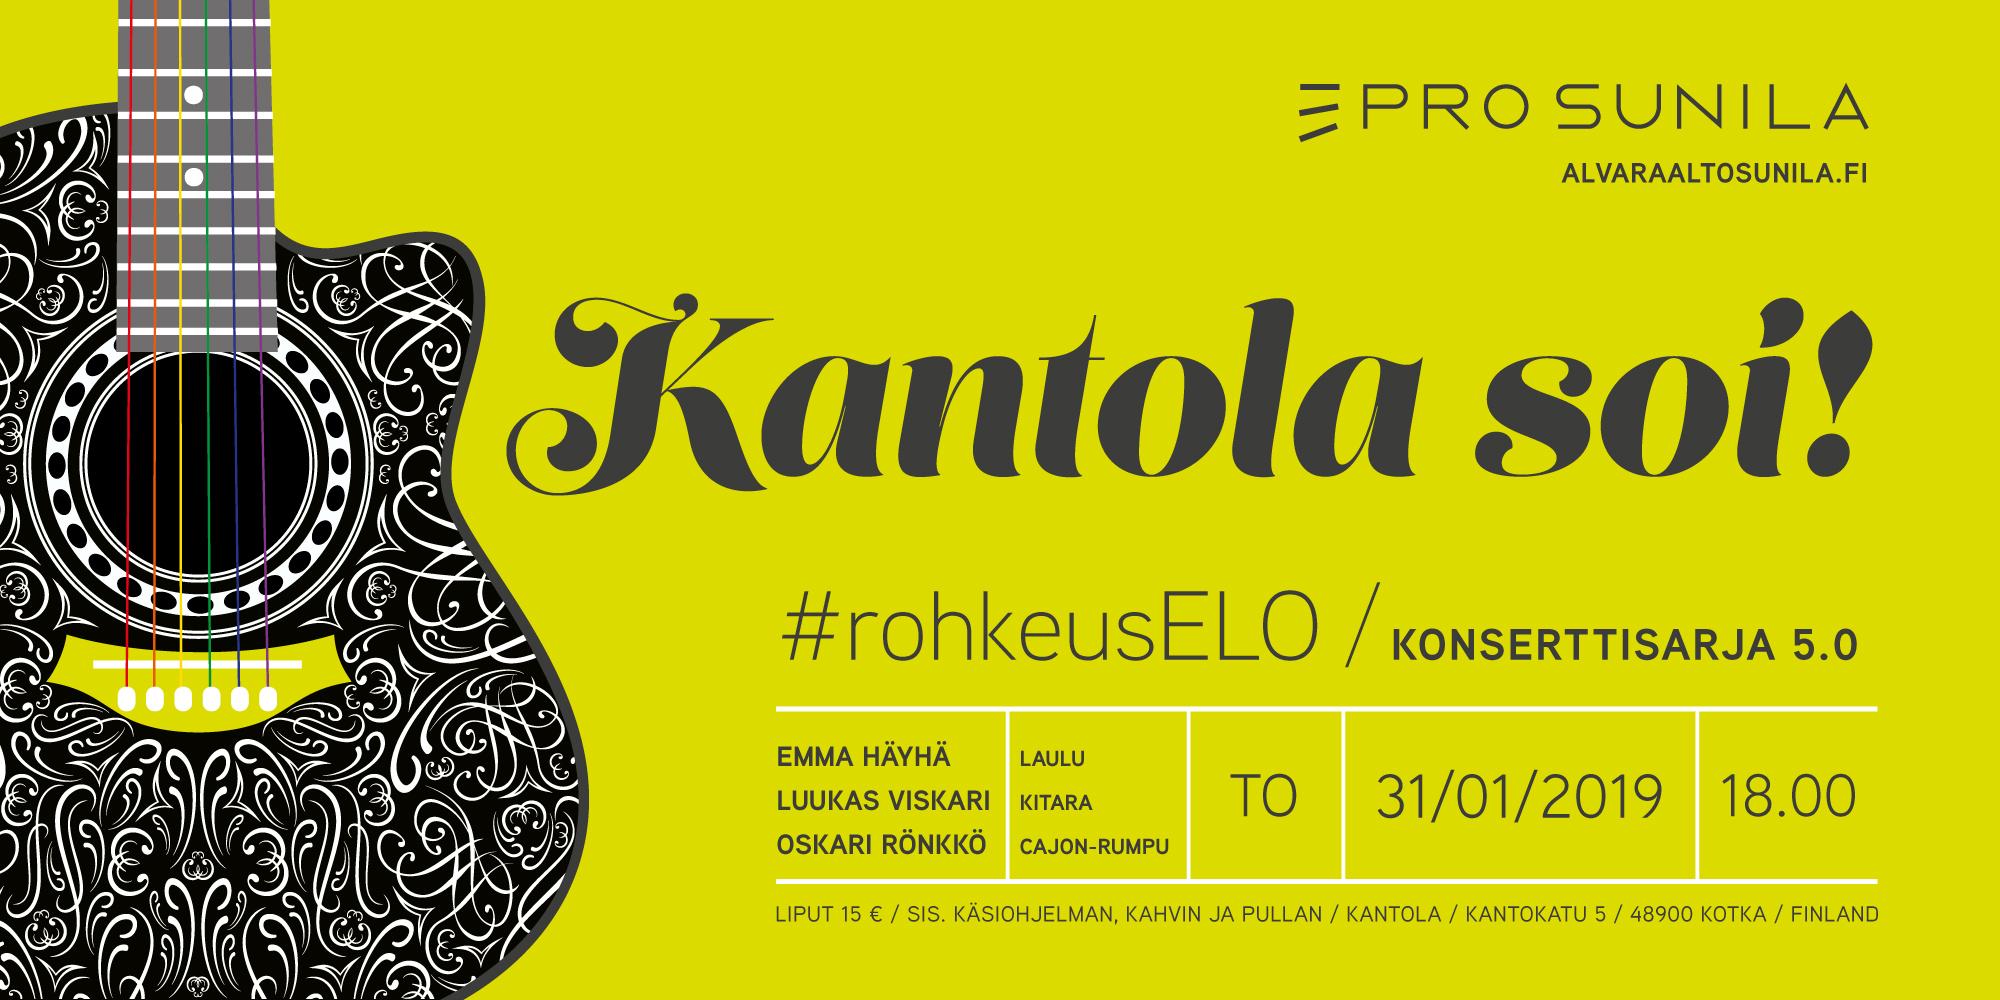 Kantola_soi_musiikkisarja_05_Fb_bannerit.jpg